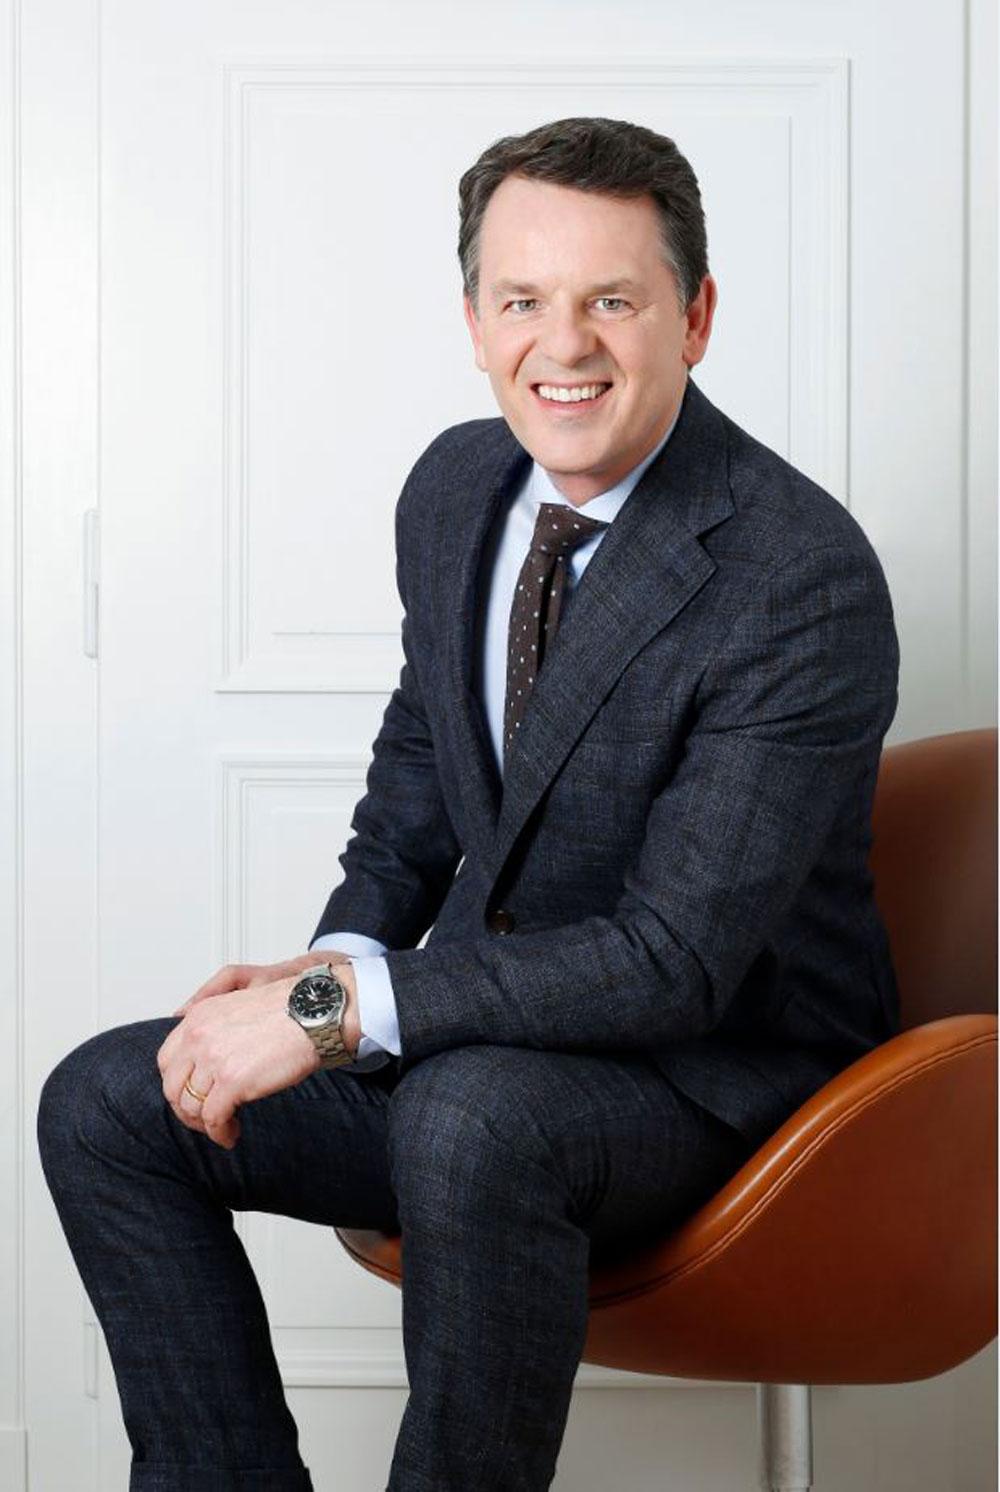 Alain Zimmermann deja la dirección ejecutiva de Baume & Mercier y pasa a desempeñar el cargo de director de Proyectos Estratégicos de Distribución Electrónica de Relojeros Especialistas del Grupo Richemont.